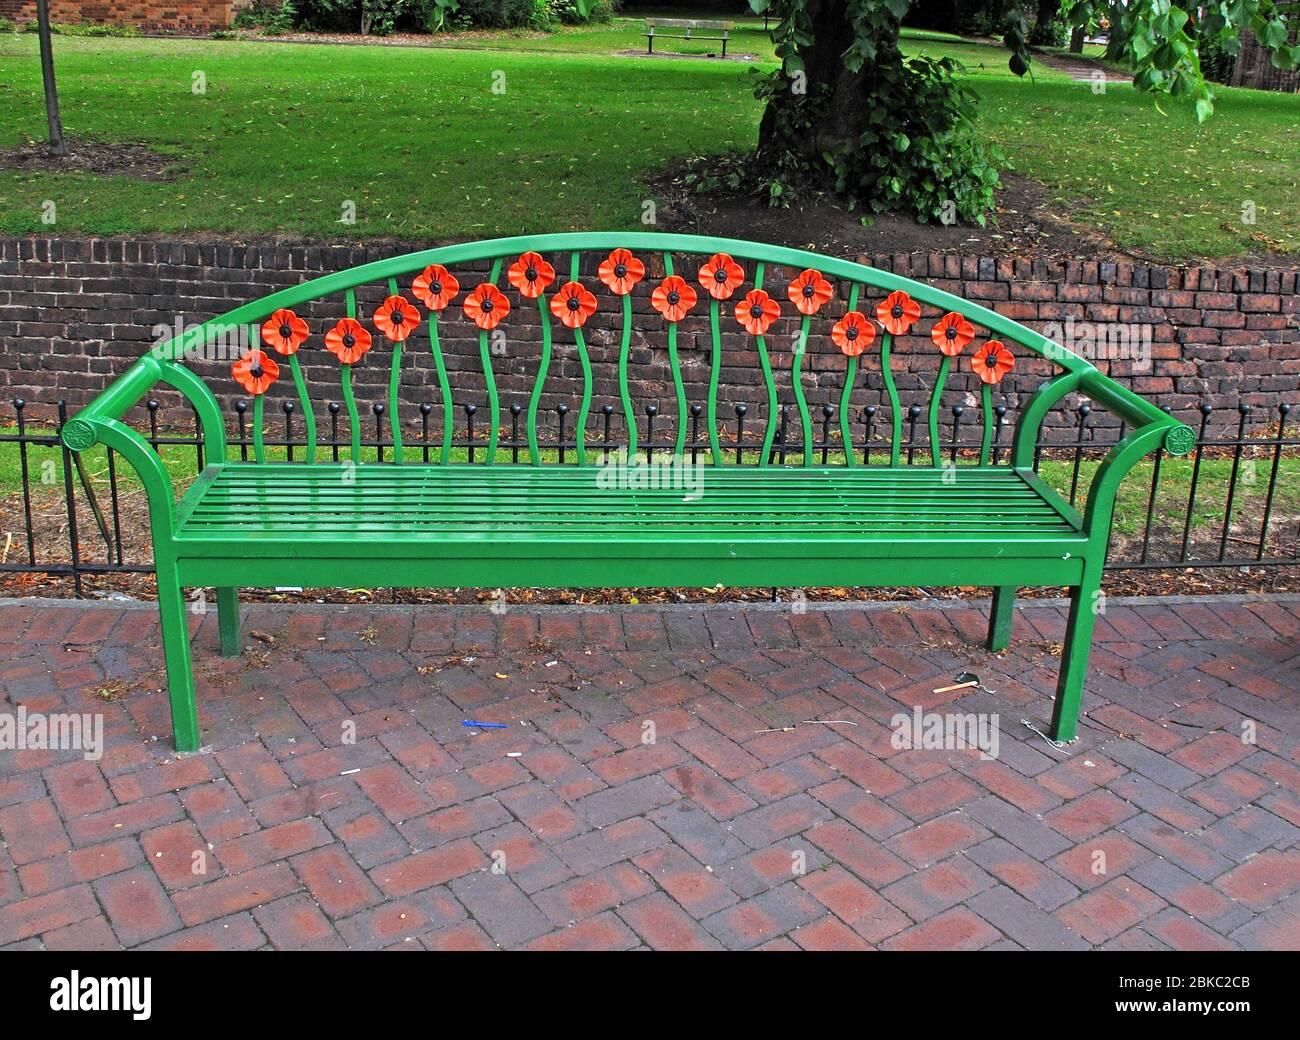 HotpixUK,@HotpixUK,GoTonySmith,with poppy design,England,UK,poppy,village,bloxwich memorial,poppy day,1914-18,1914,1918,1914-1918,Royal British Legion